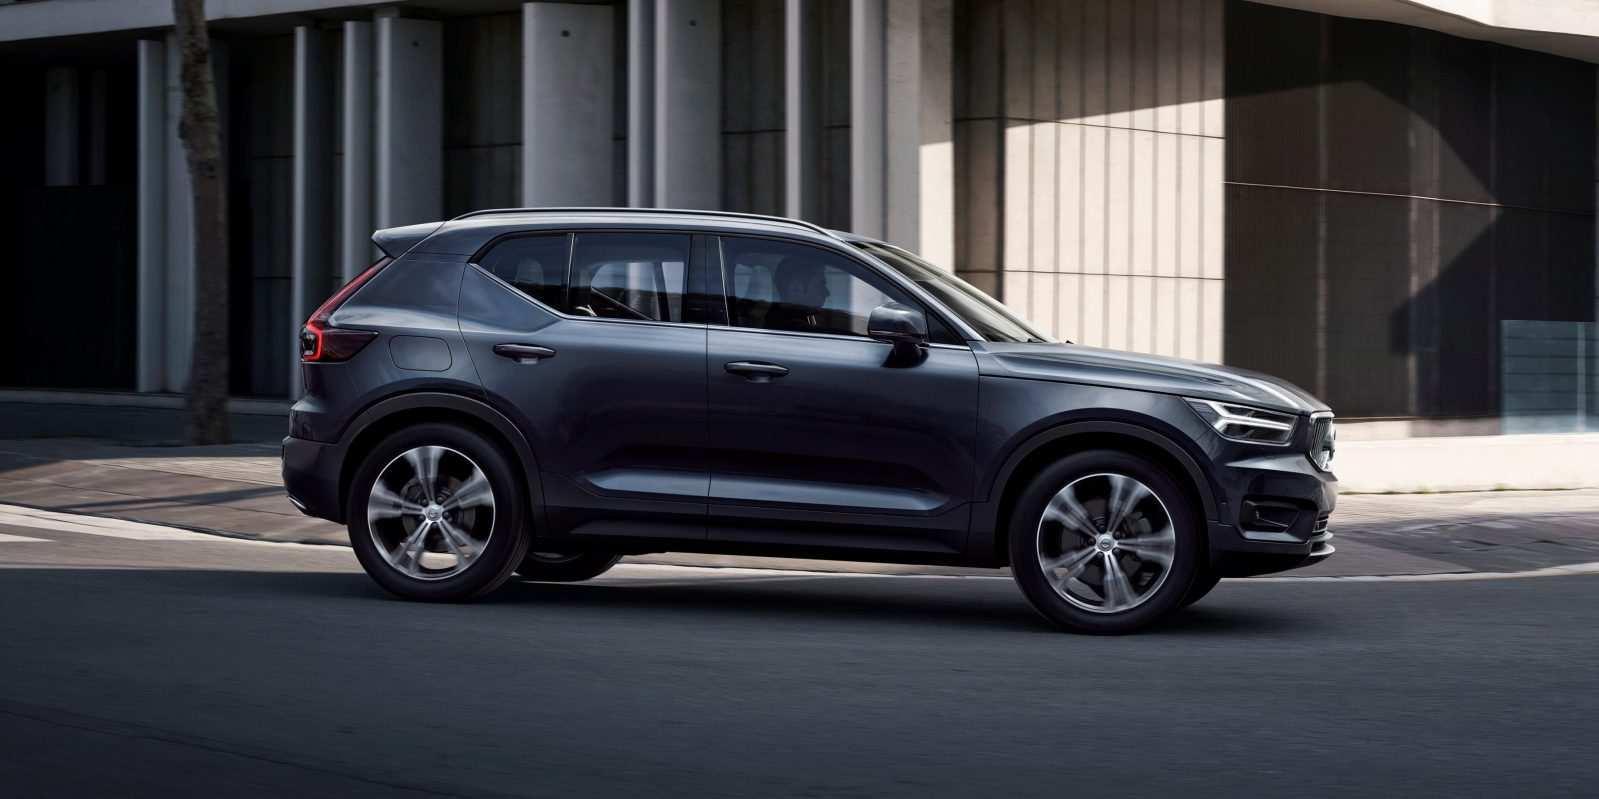 47 New 2020 Volvo Xc40 Hybrid Rumors with 2020 Volvo Xc40 Hybrid